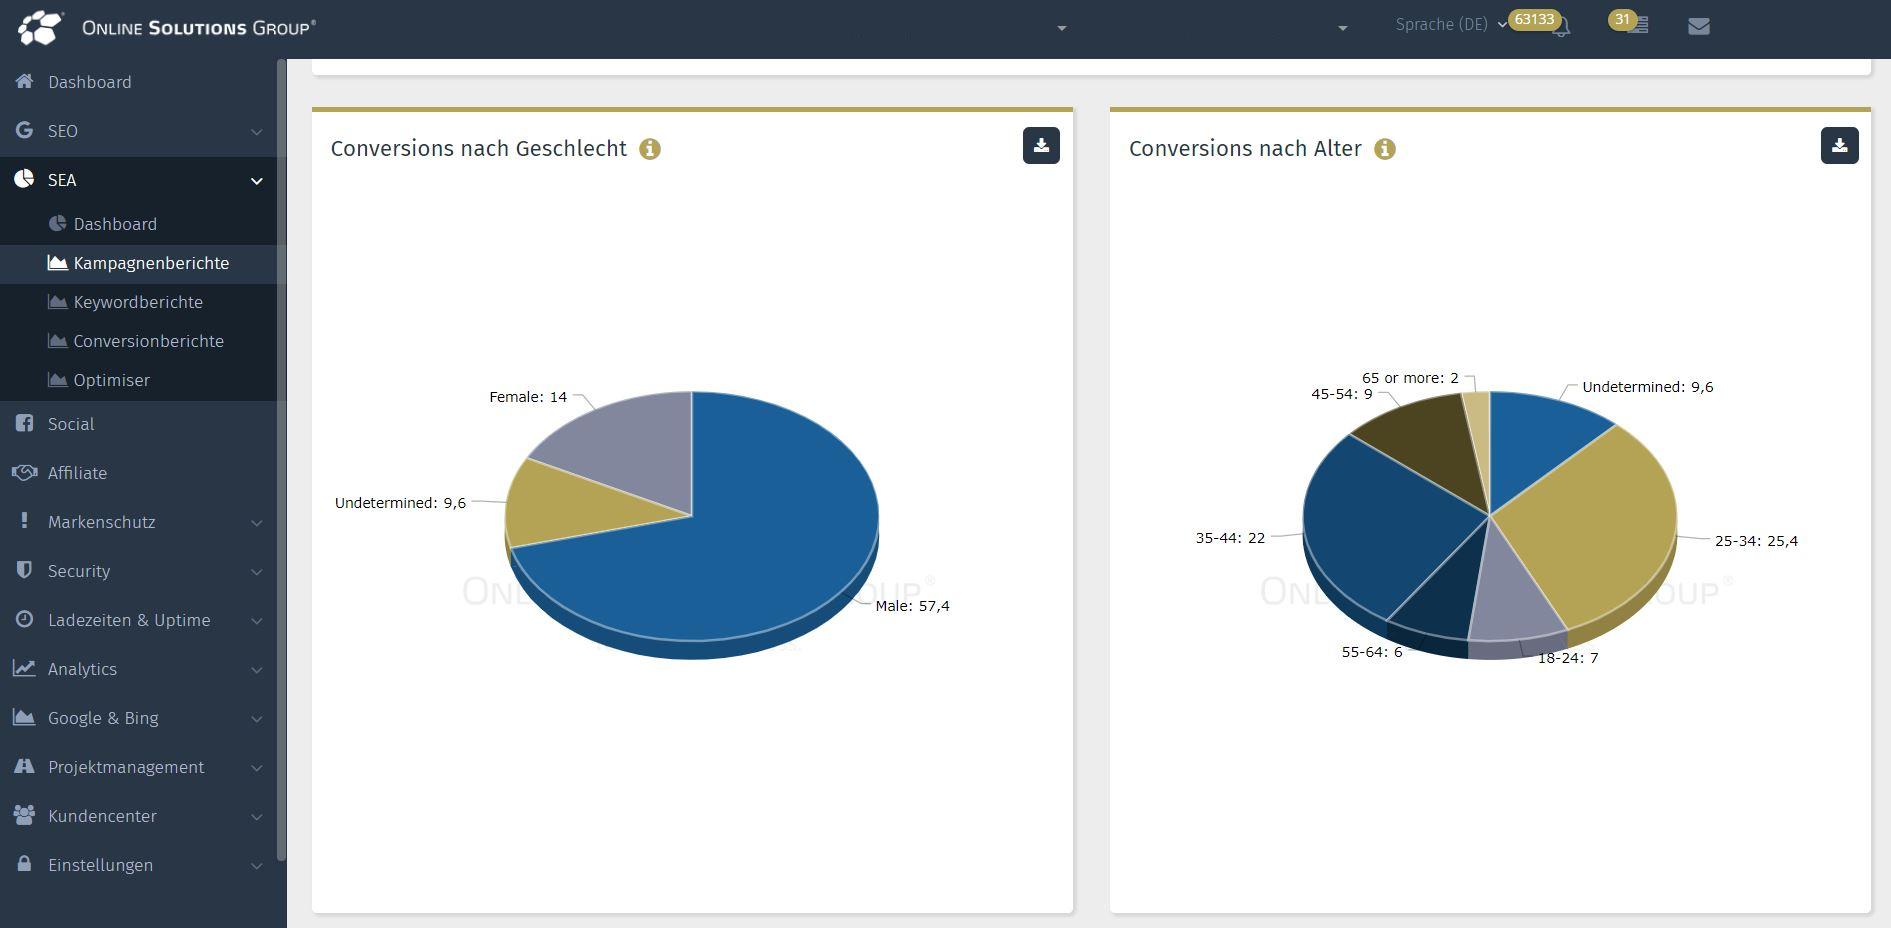 SEA Tool in der OSg Performance Suite: Conversions nach Geschlecht und Alter